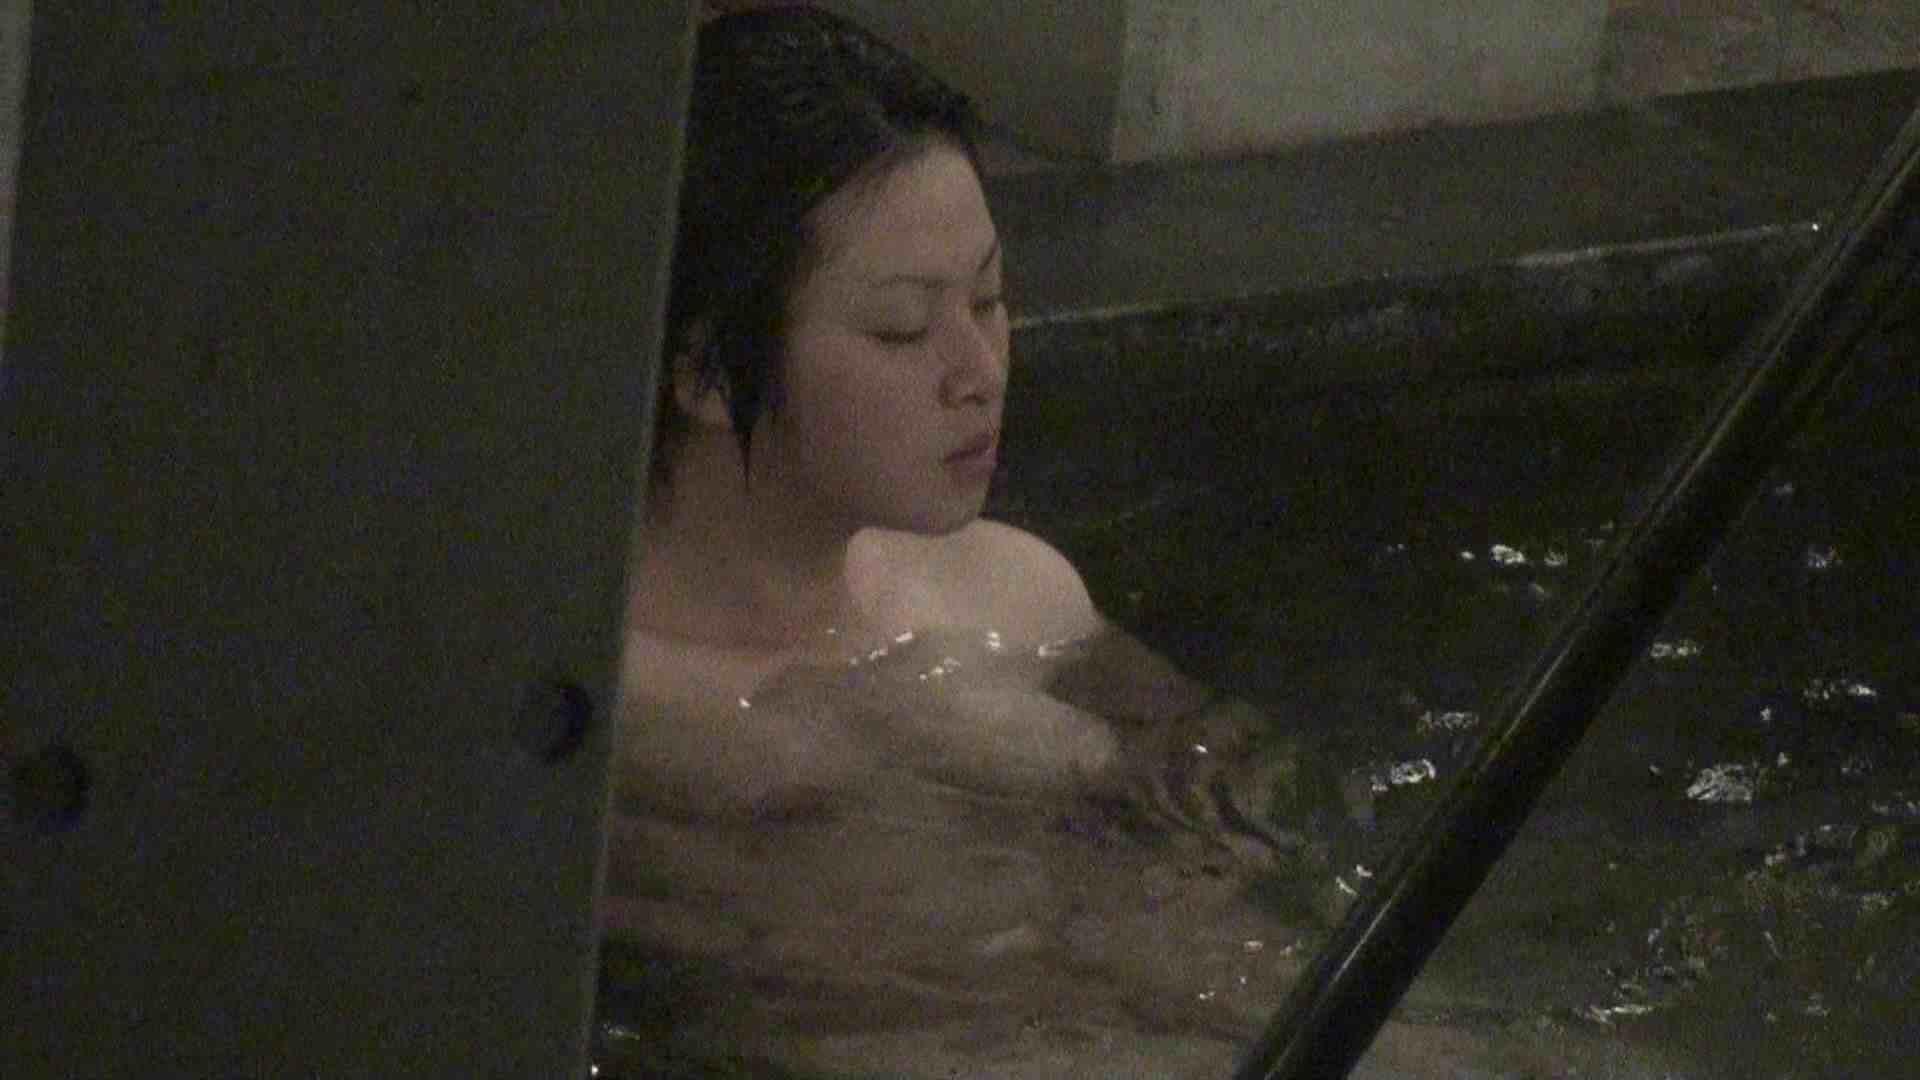 Aquaな露天風呂Vol.338 エッチな盗撮 エロ画像 101pic 93